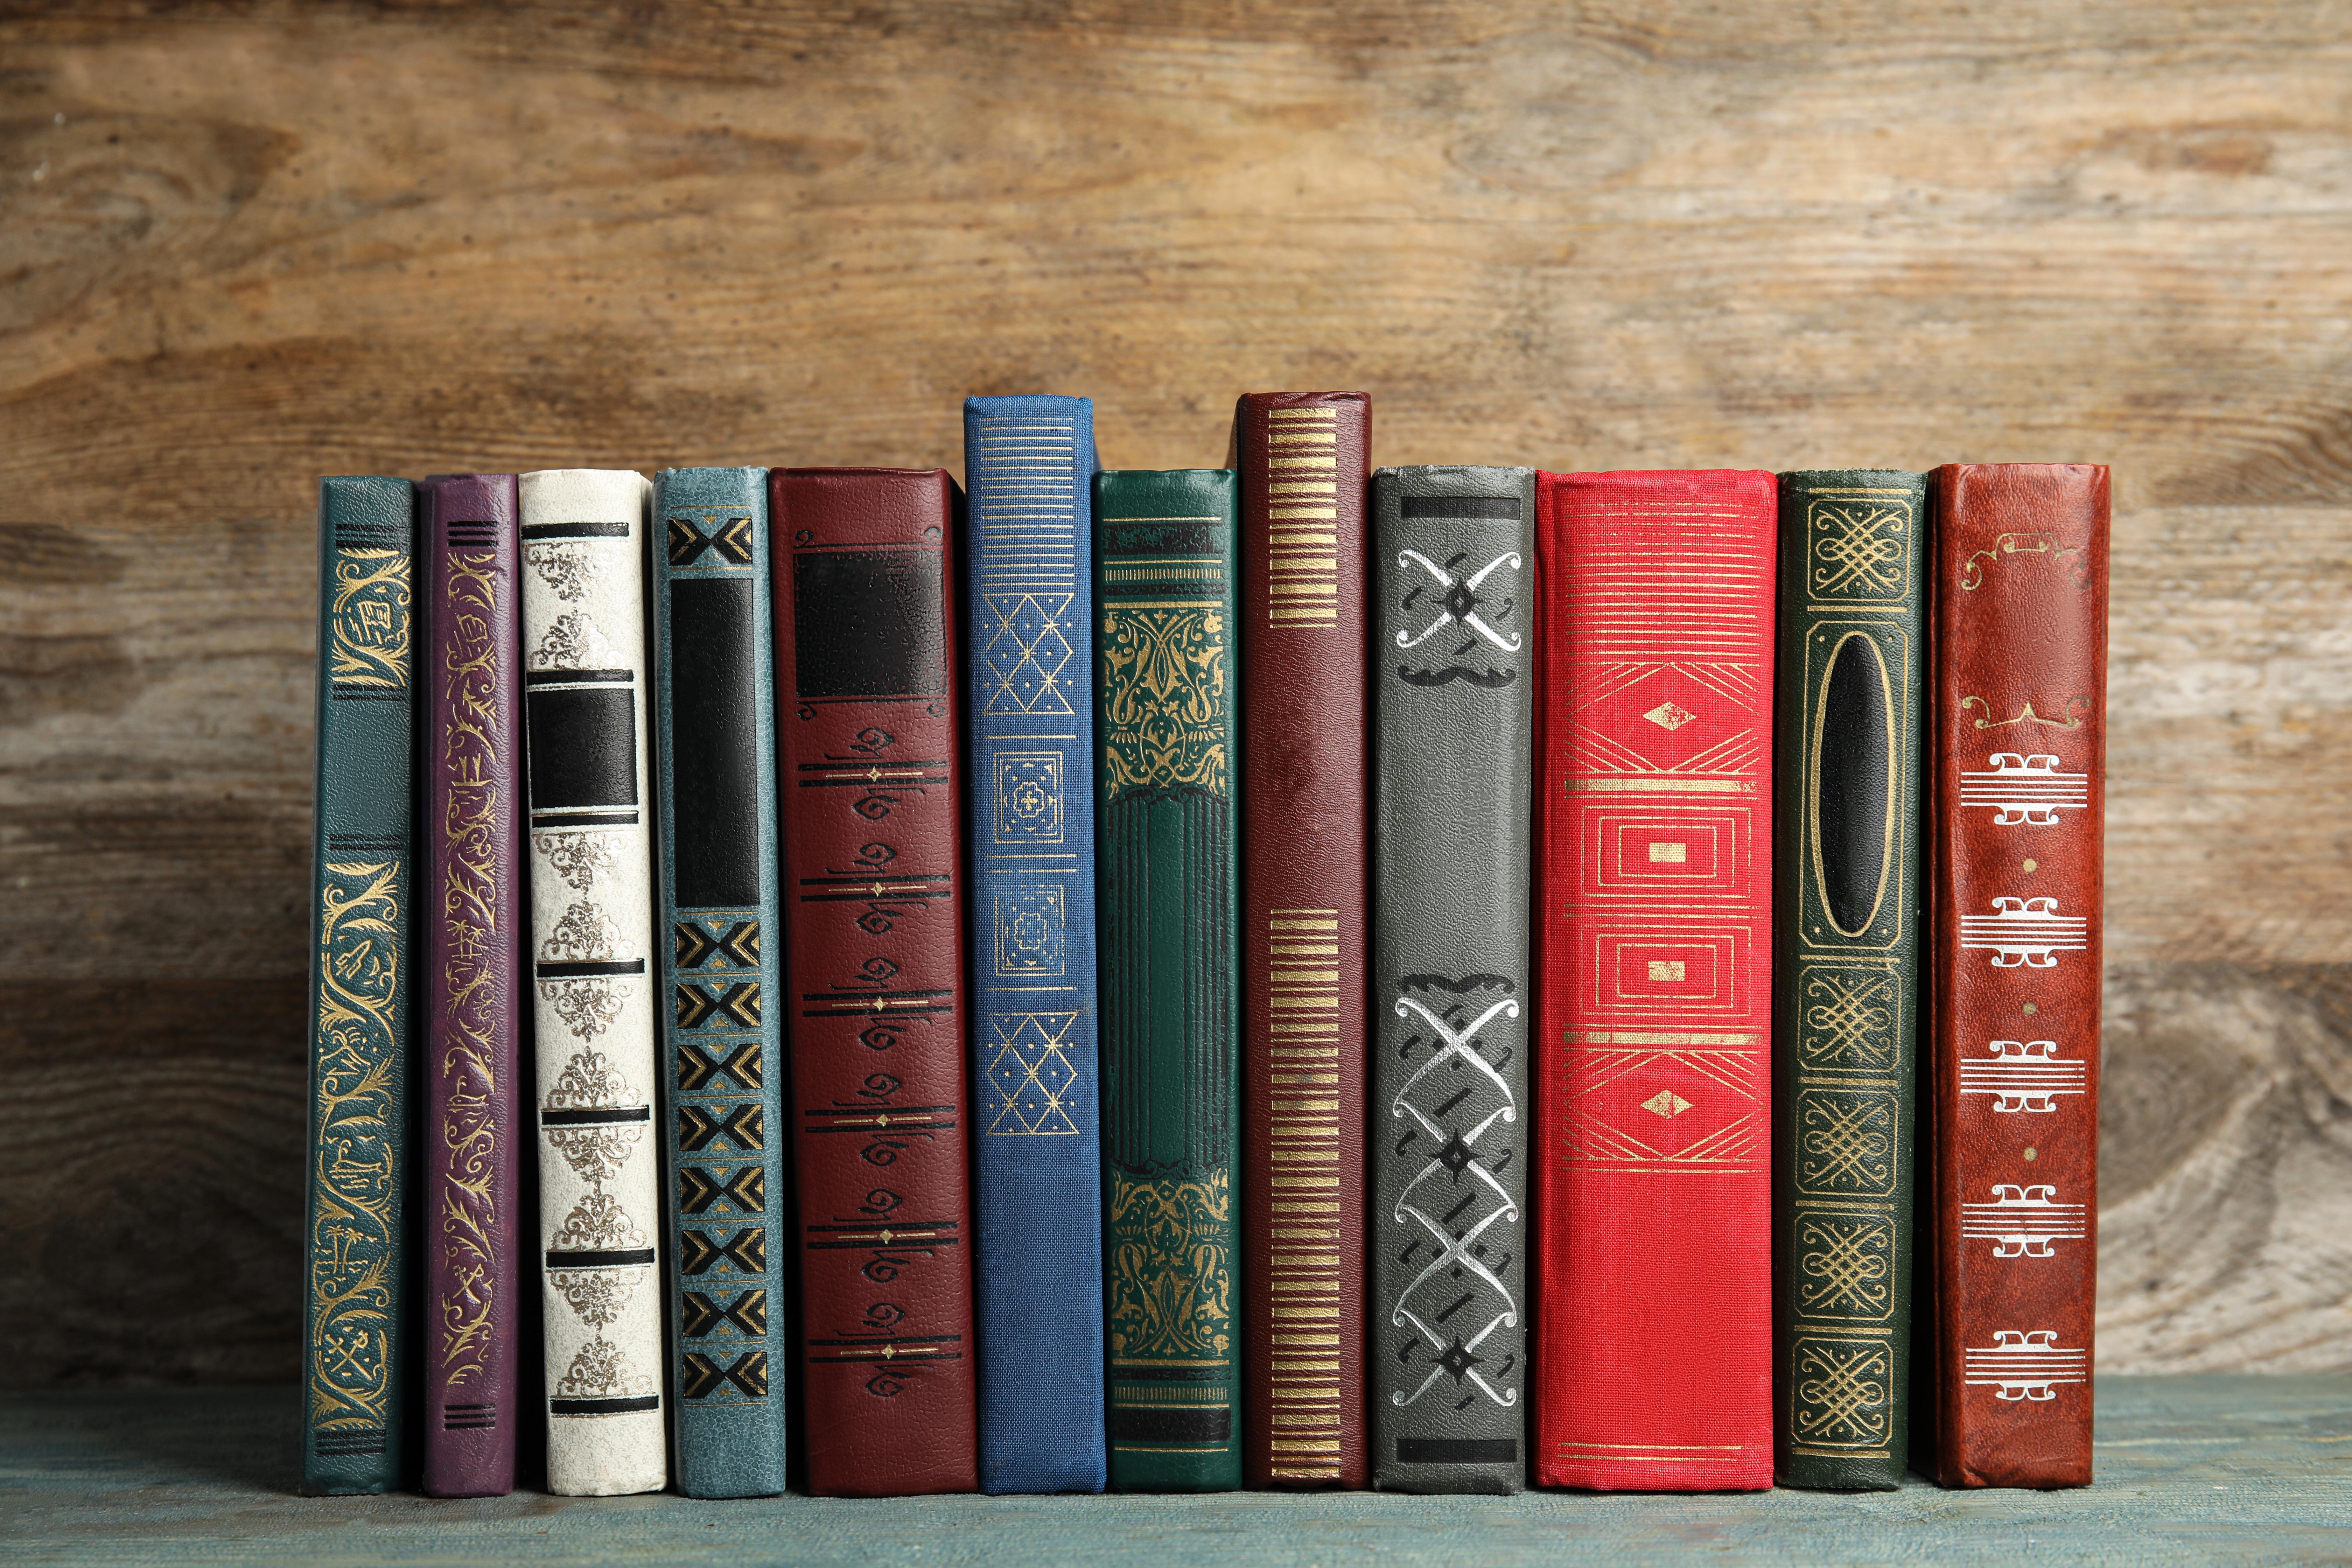 BOOKS LINED UP ON A SHELF.